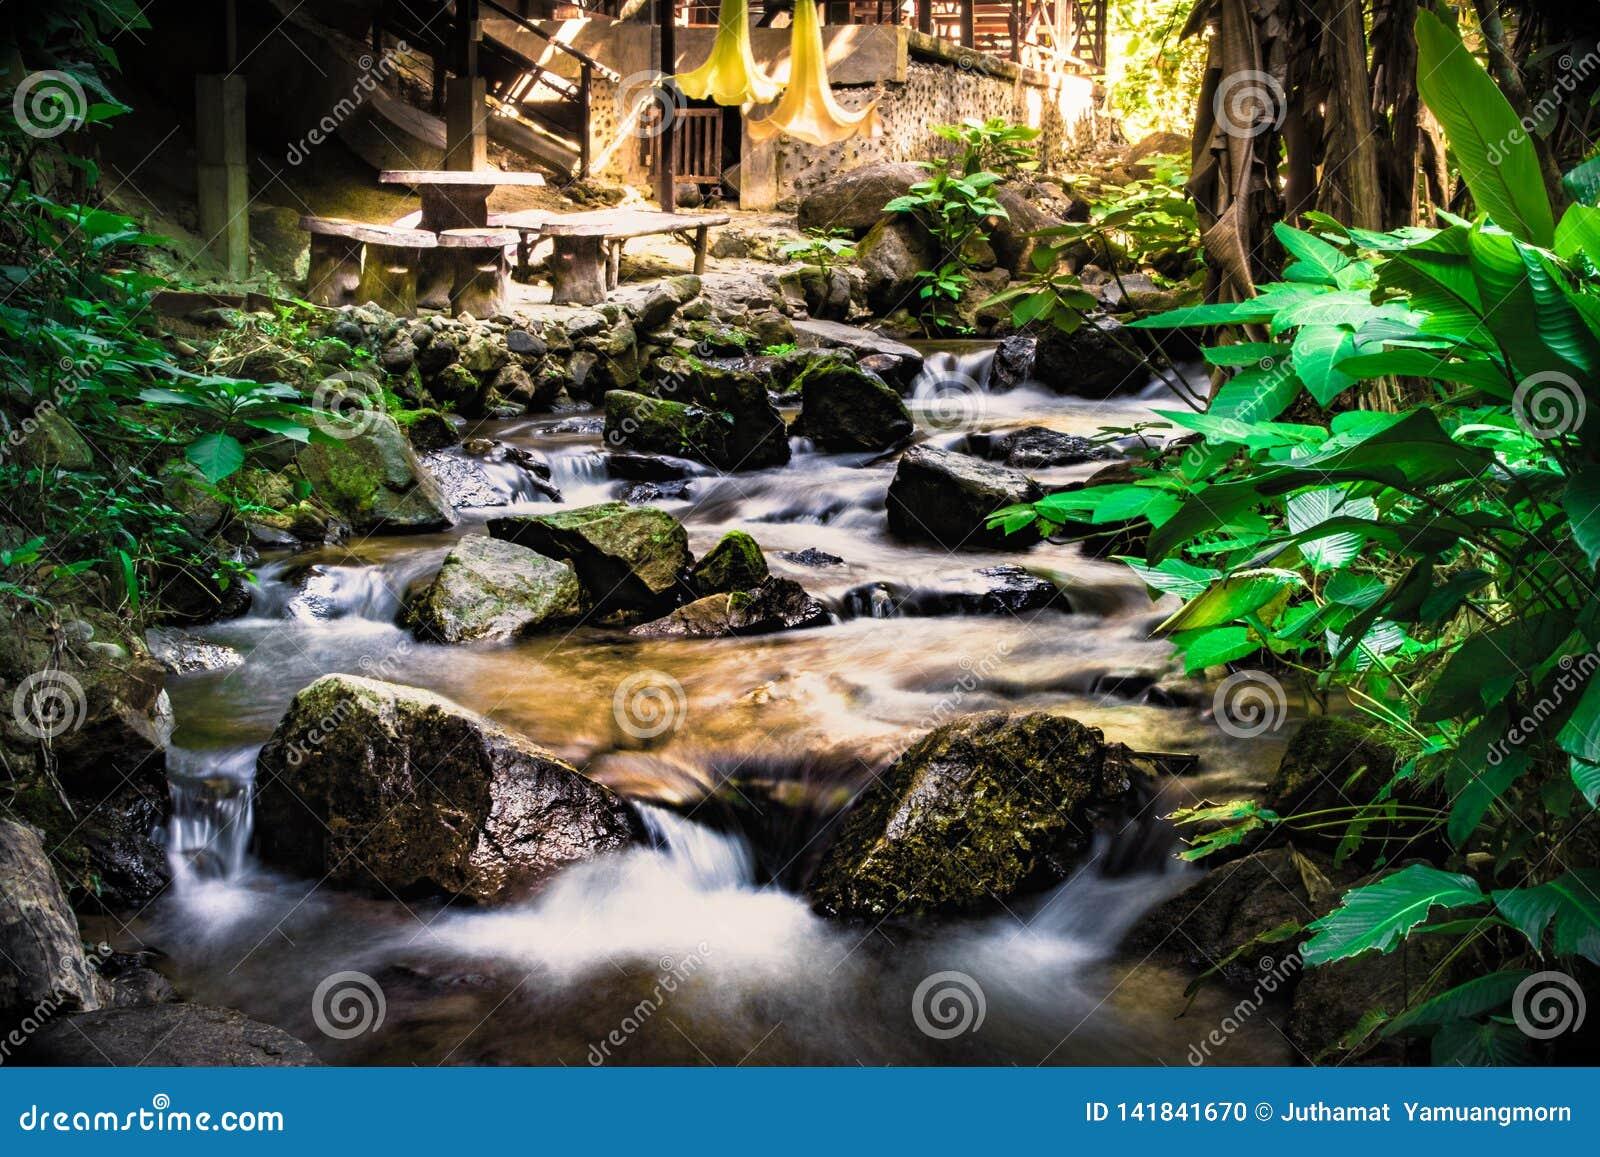 De natuurlijke de winterwatervallen, riviermeningen, weelderige bosparken, achtergrond is nat met rotsen